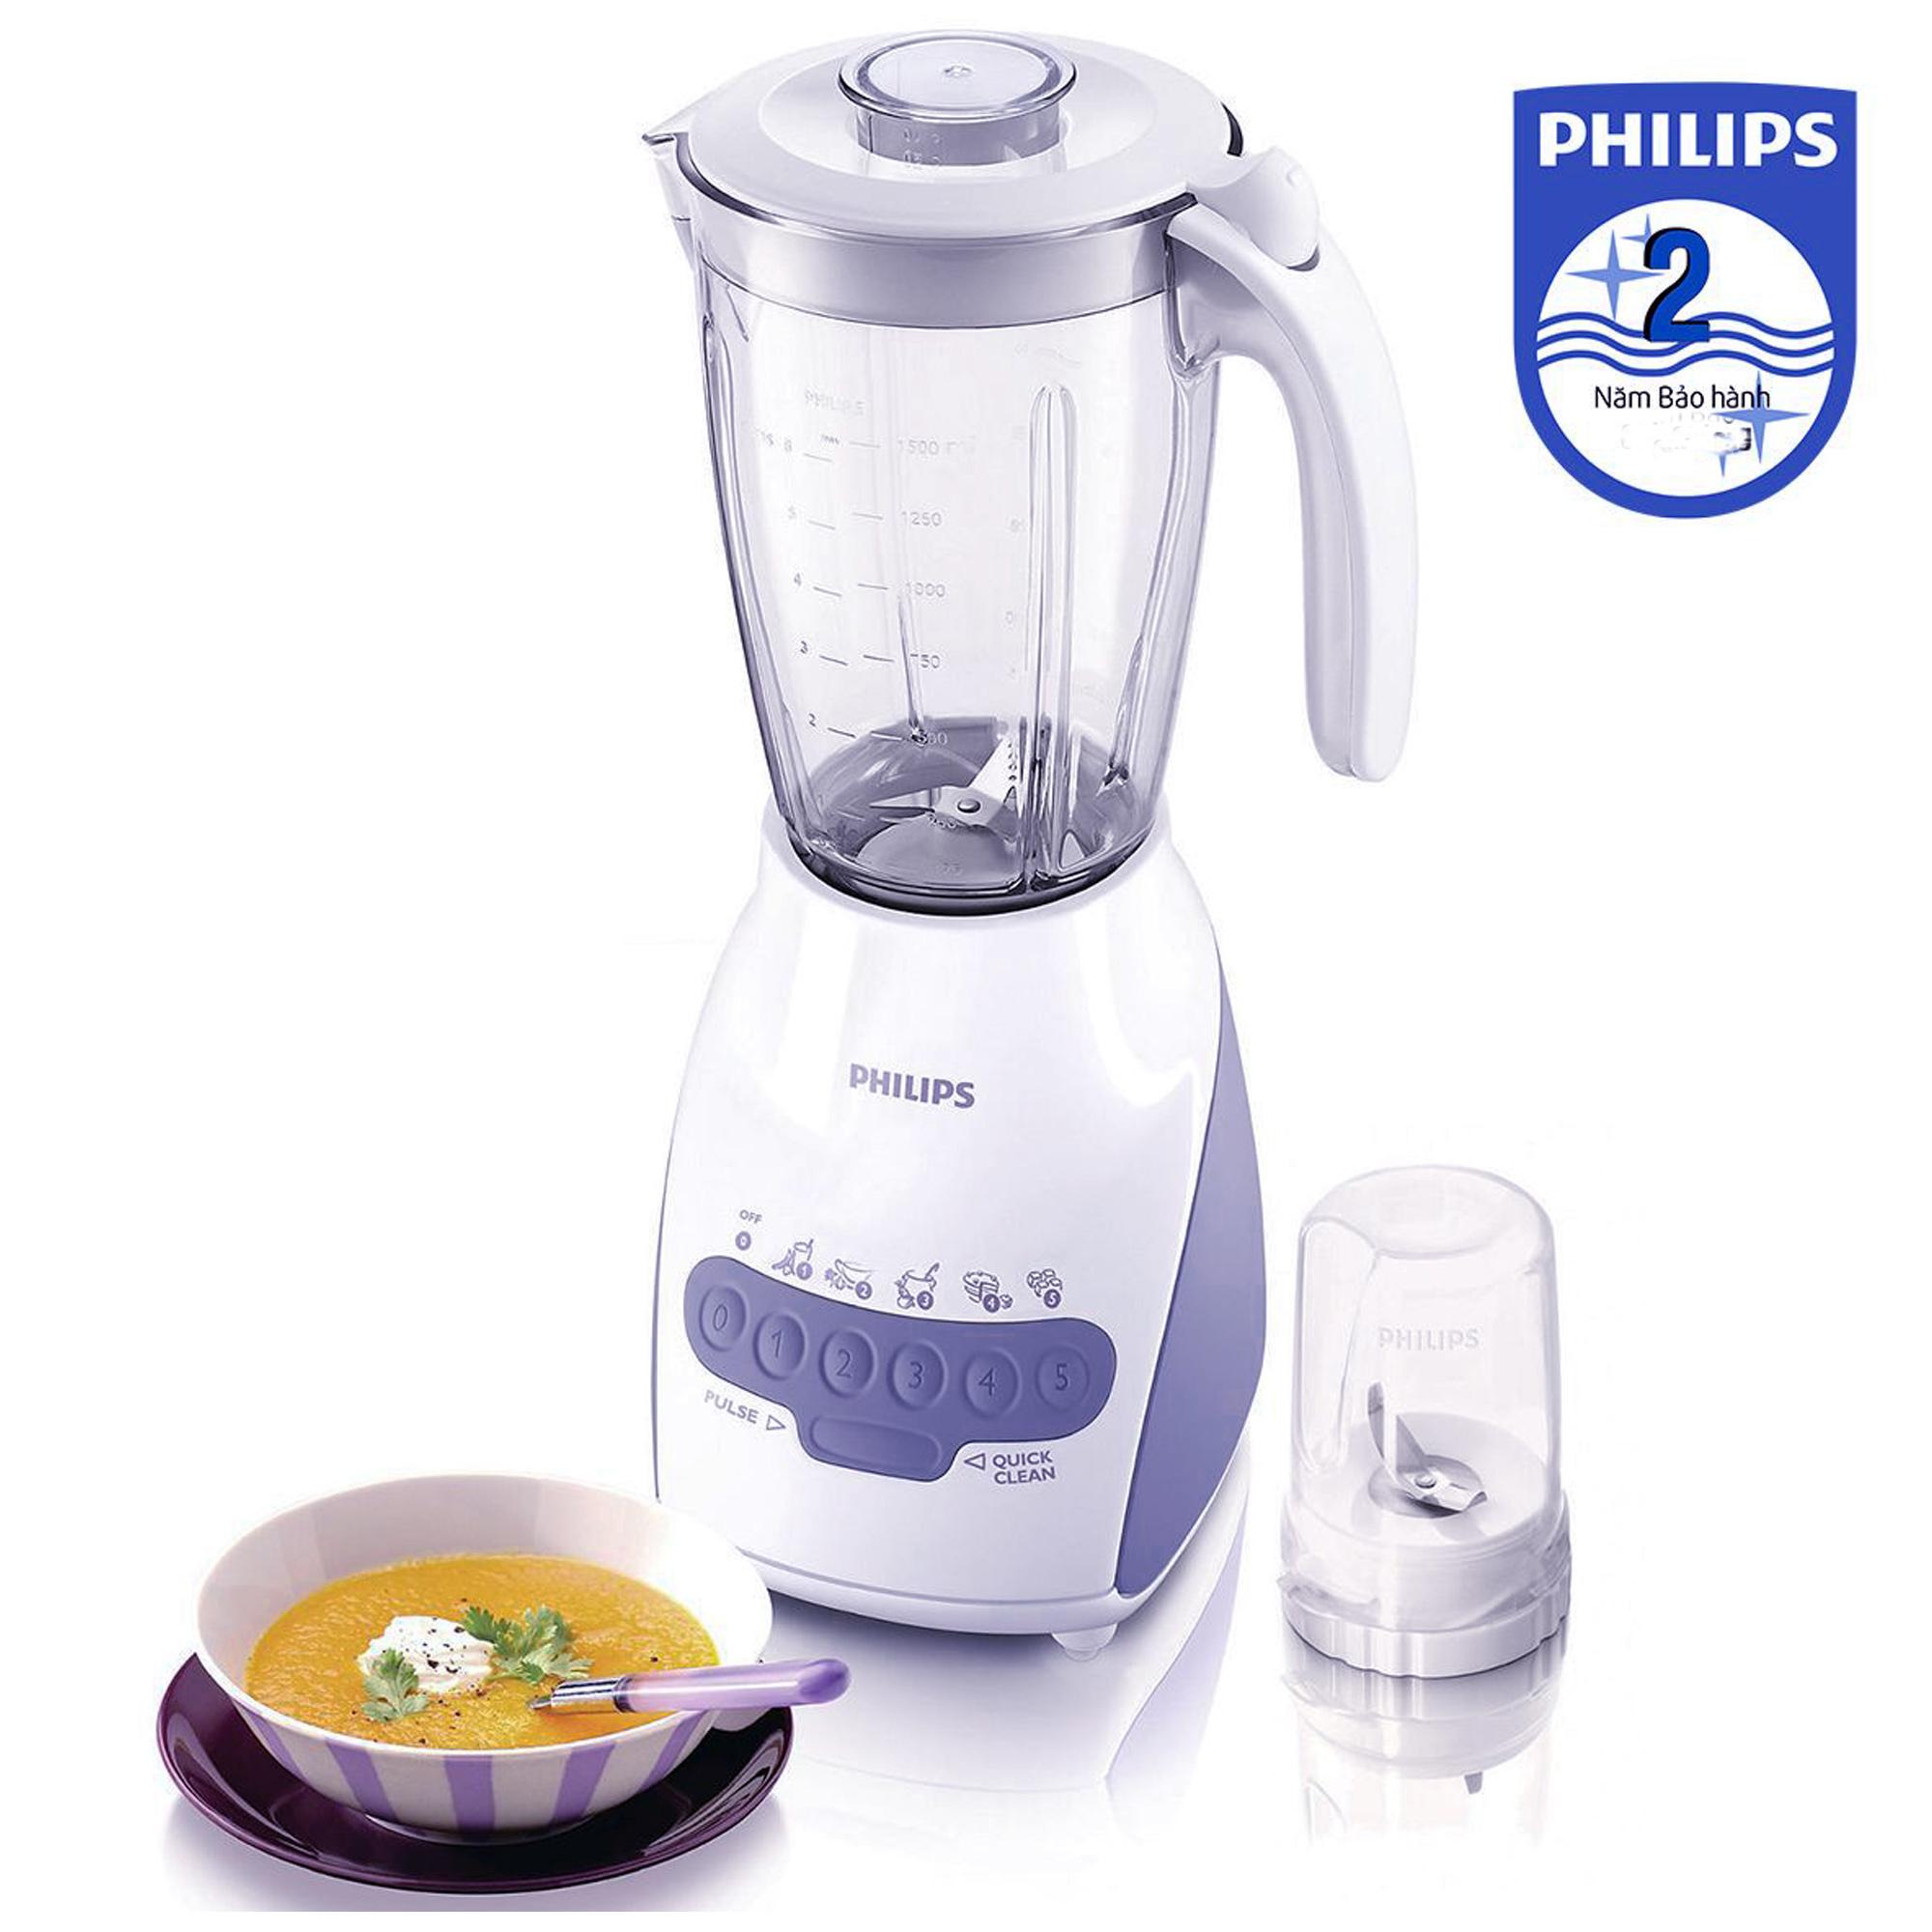 Máy xay sinh tố Philips HR2115 1.5L (Trắng) - Hàng Chính Hãng